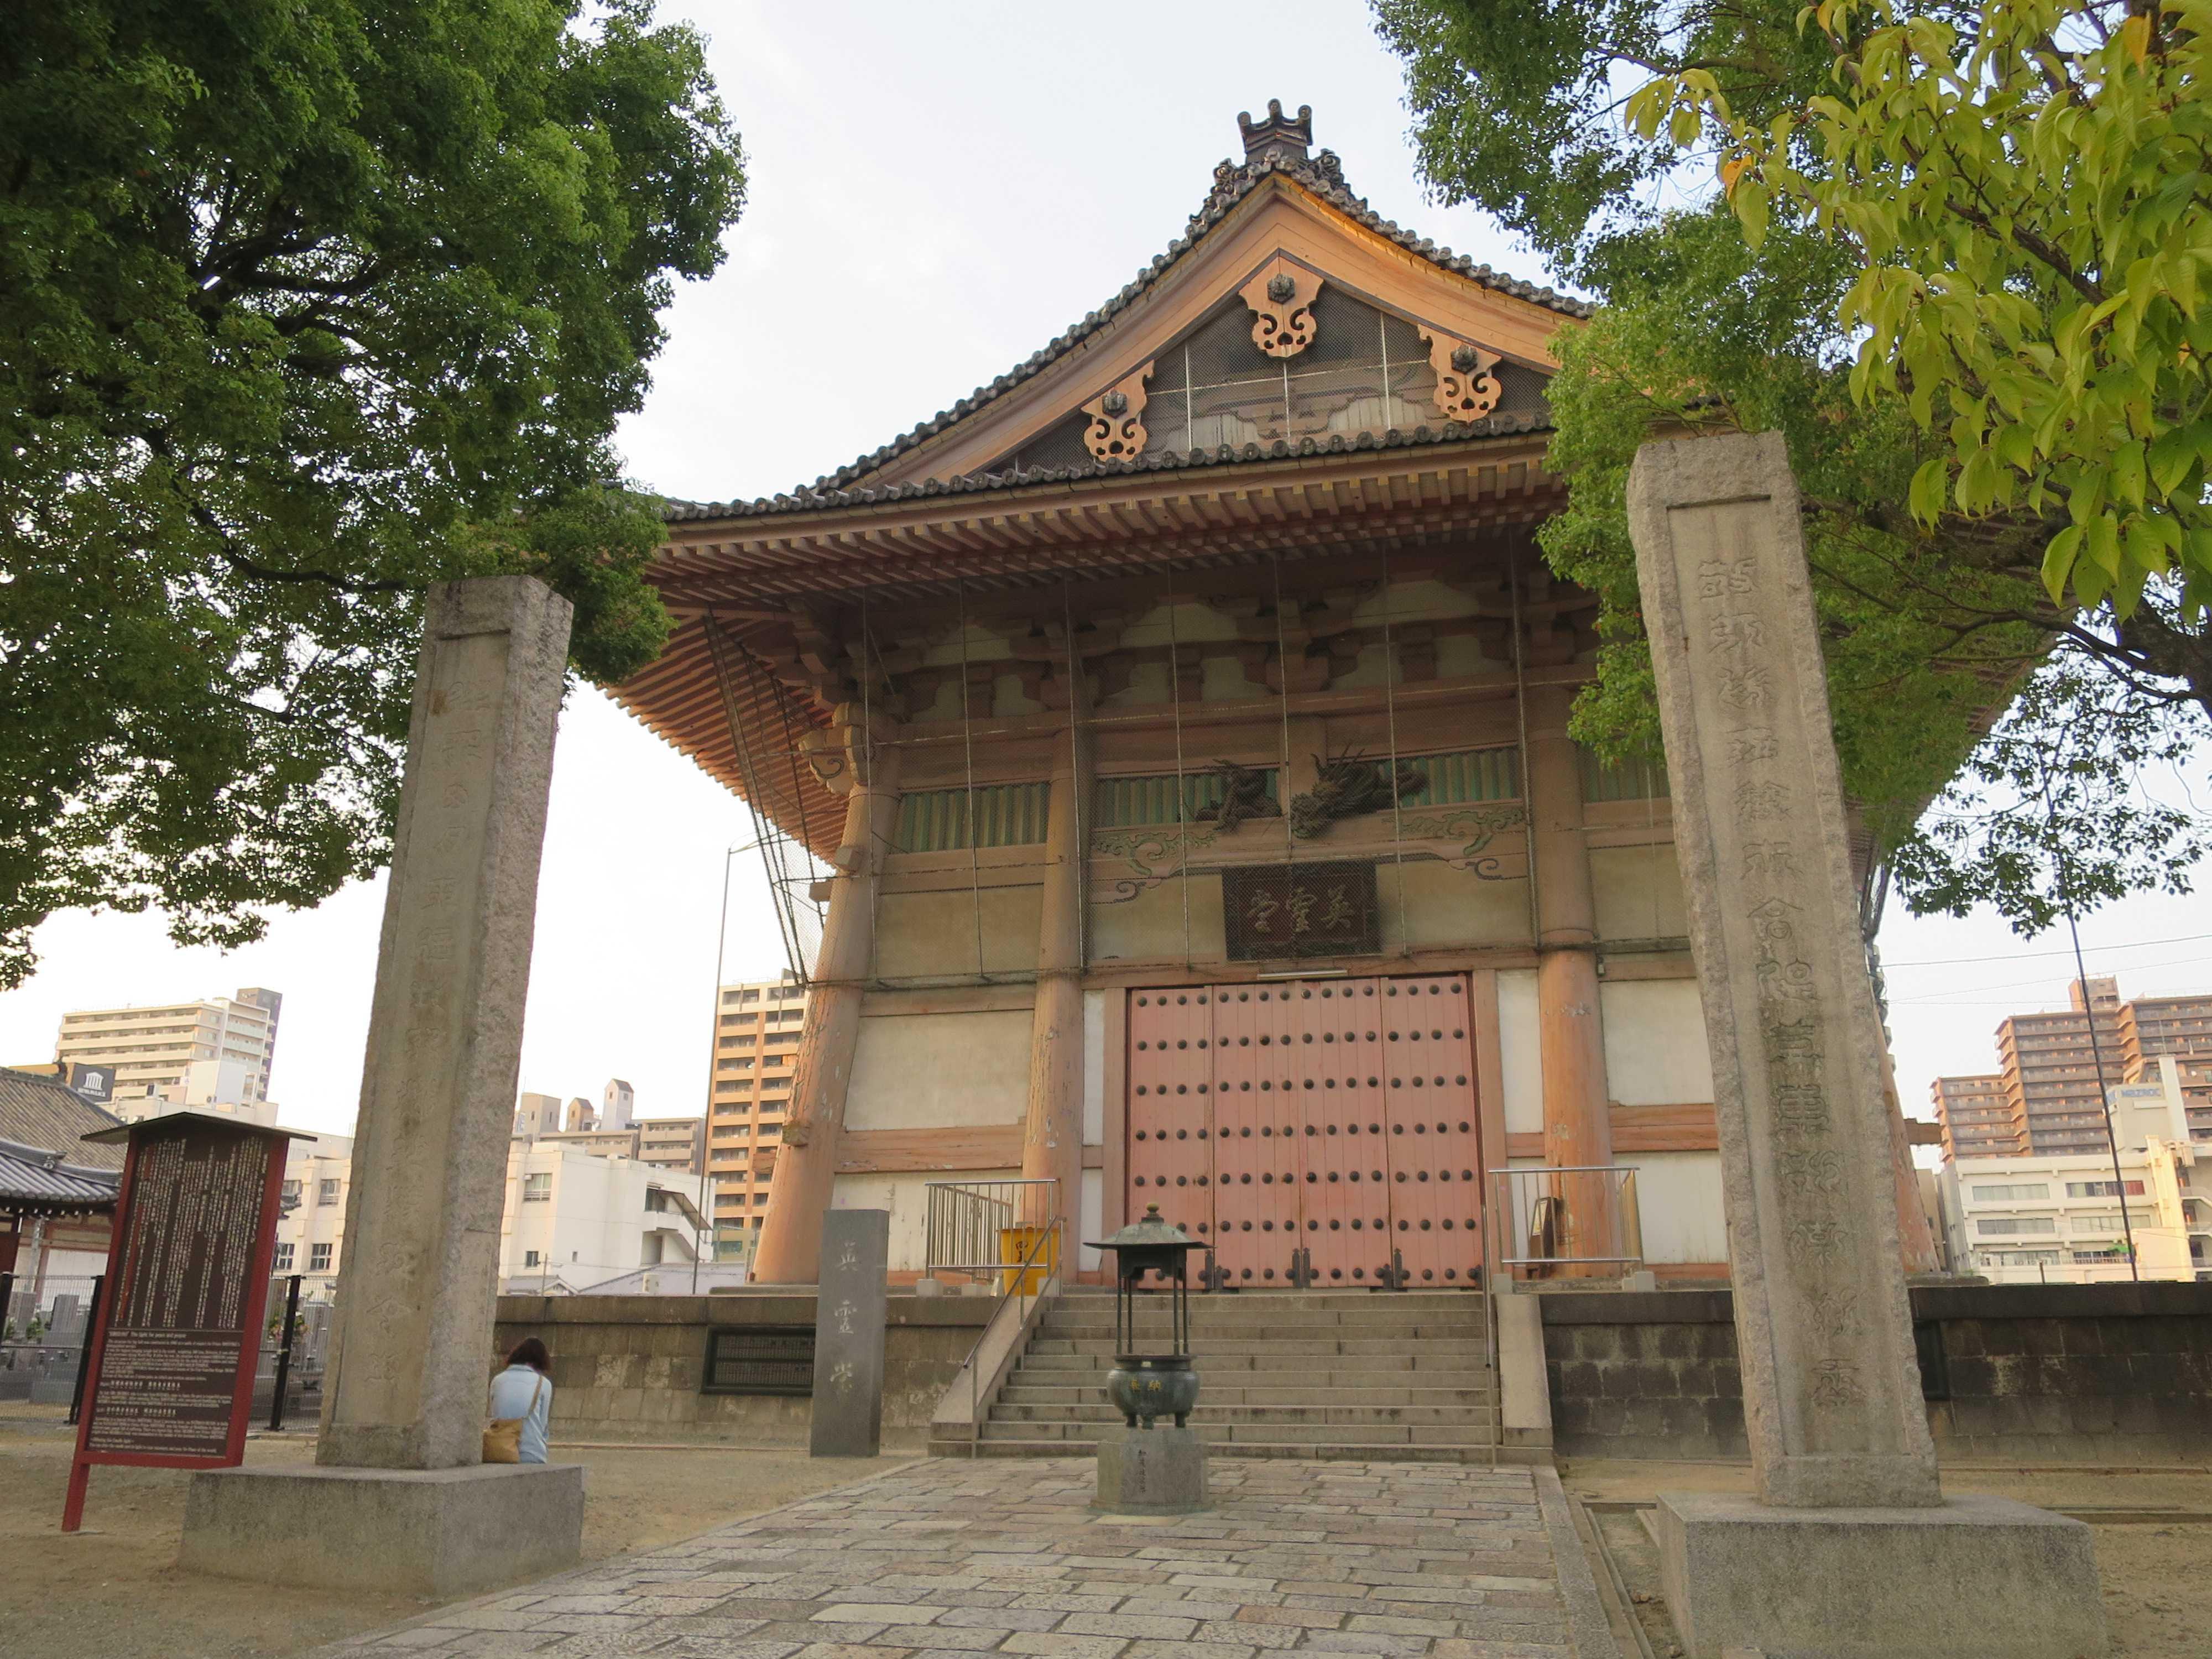 四天王寺 英霊堂